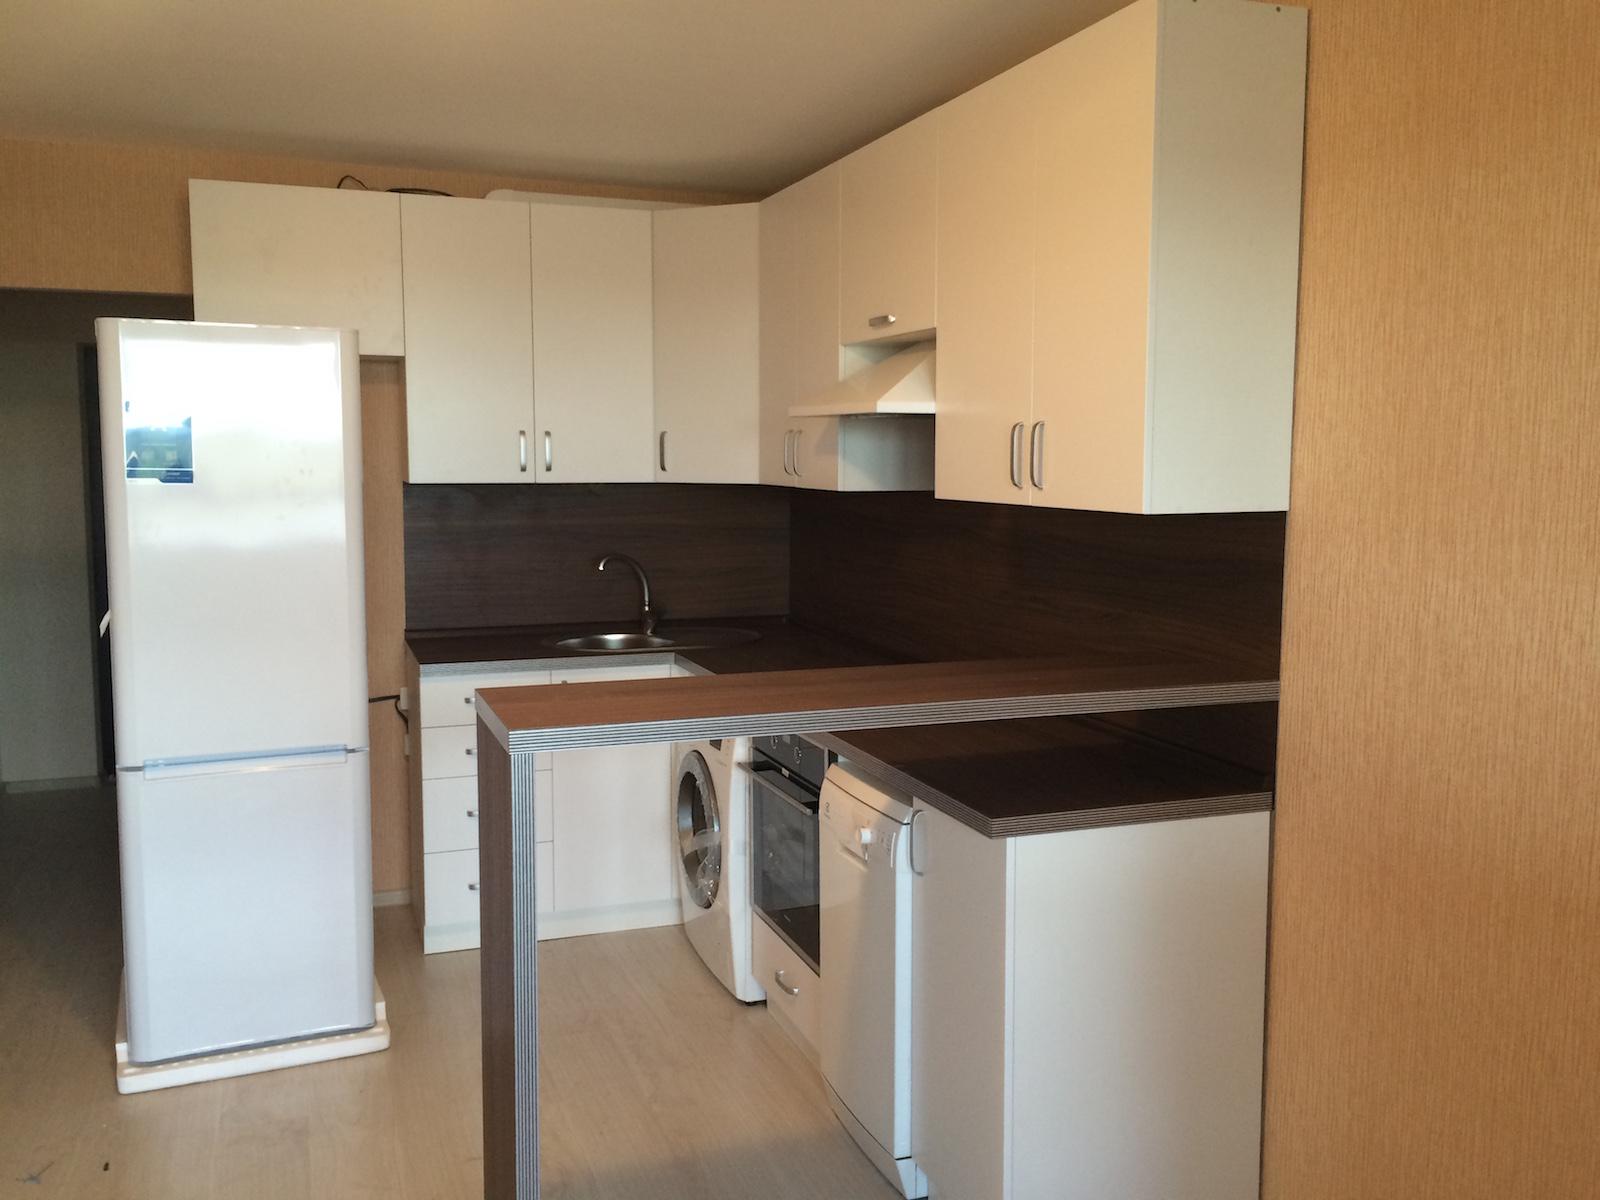 кухонный гарнитур ранункулюс кухня для квартиры студии с барной